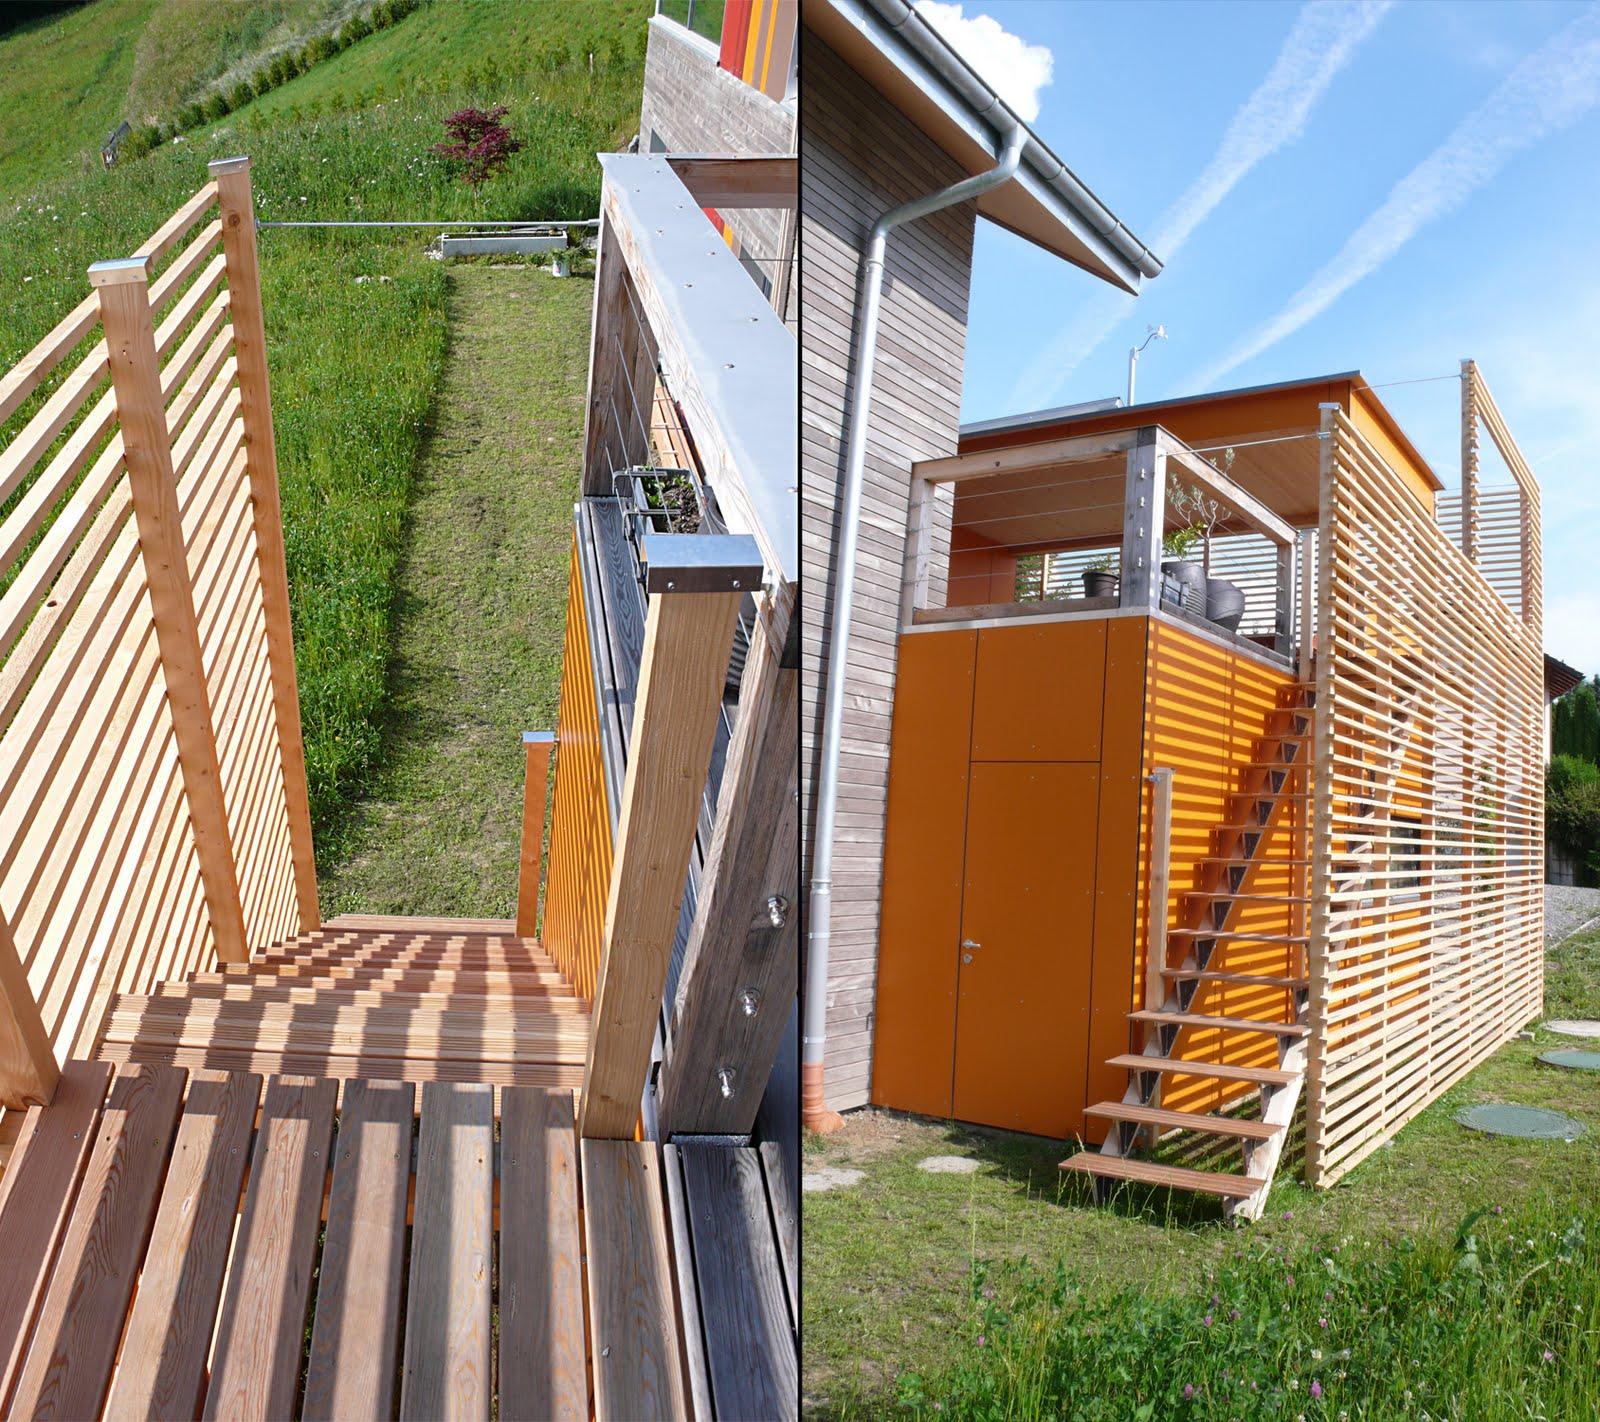 L 39 annexe est termin e construction d 39 une maison minergie for Cout annexe construction maison